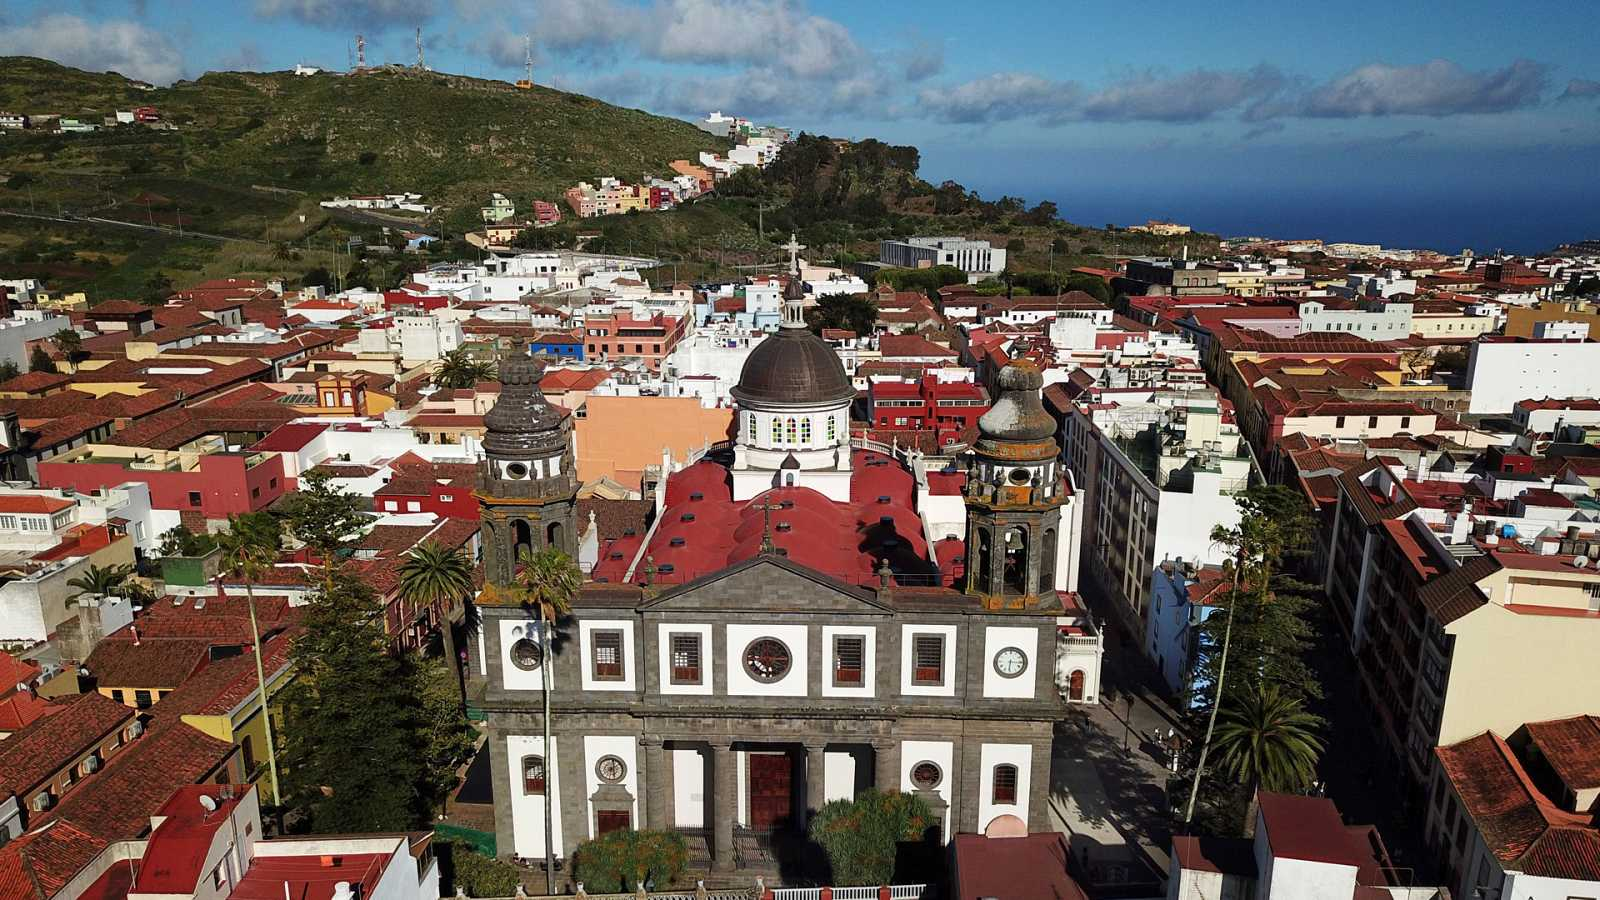 Ciudades españolas Patrimonio de la Humanidad - San Cristóbal de la Laguna - ver ahora